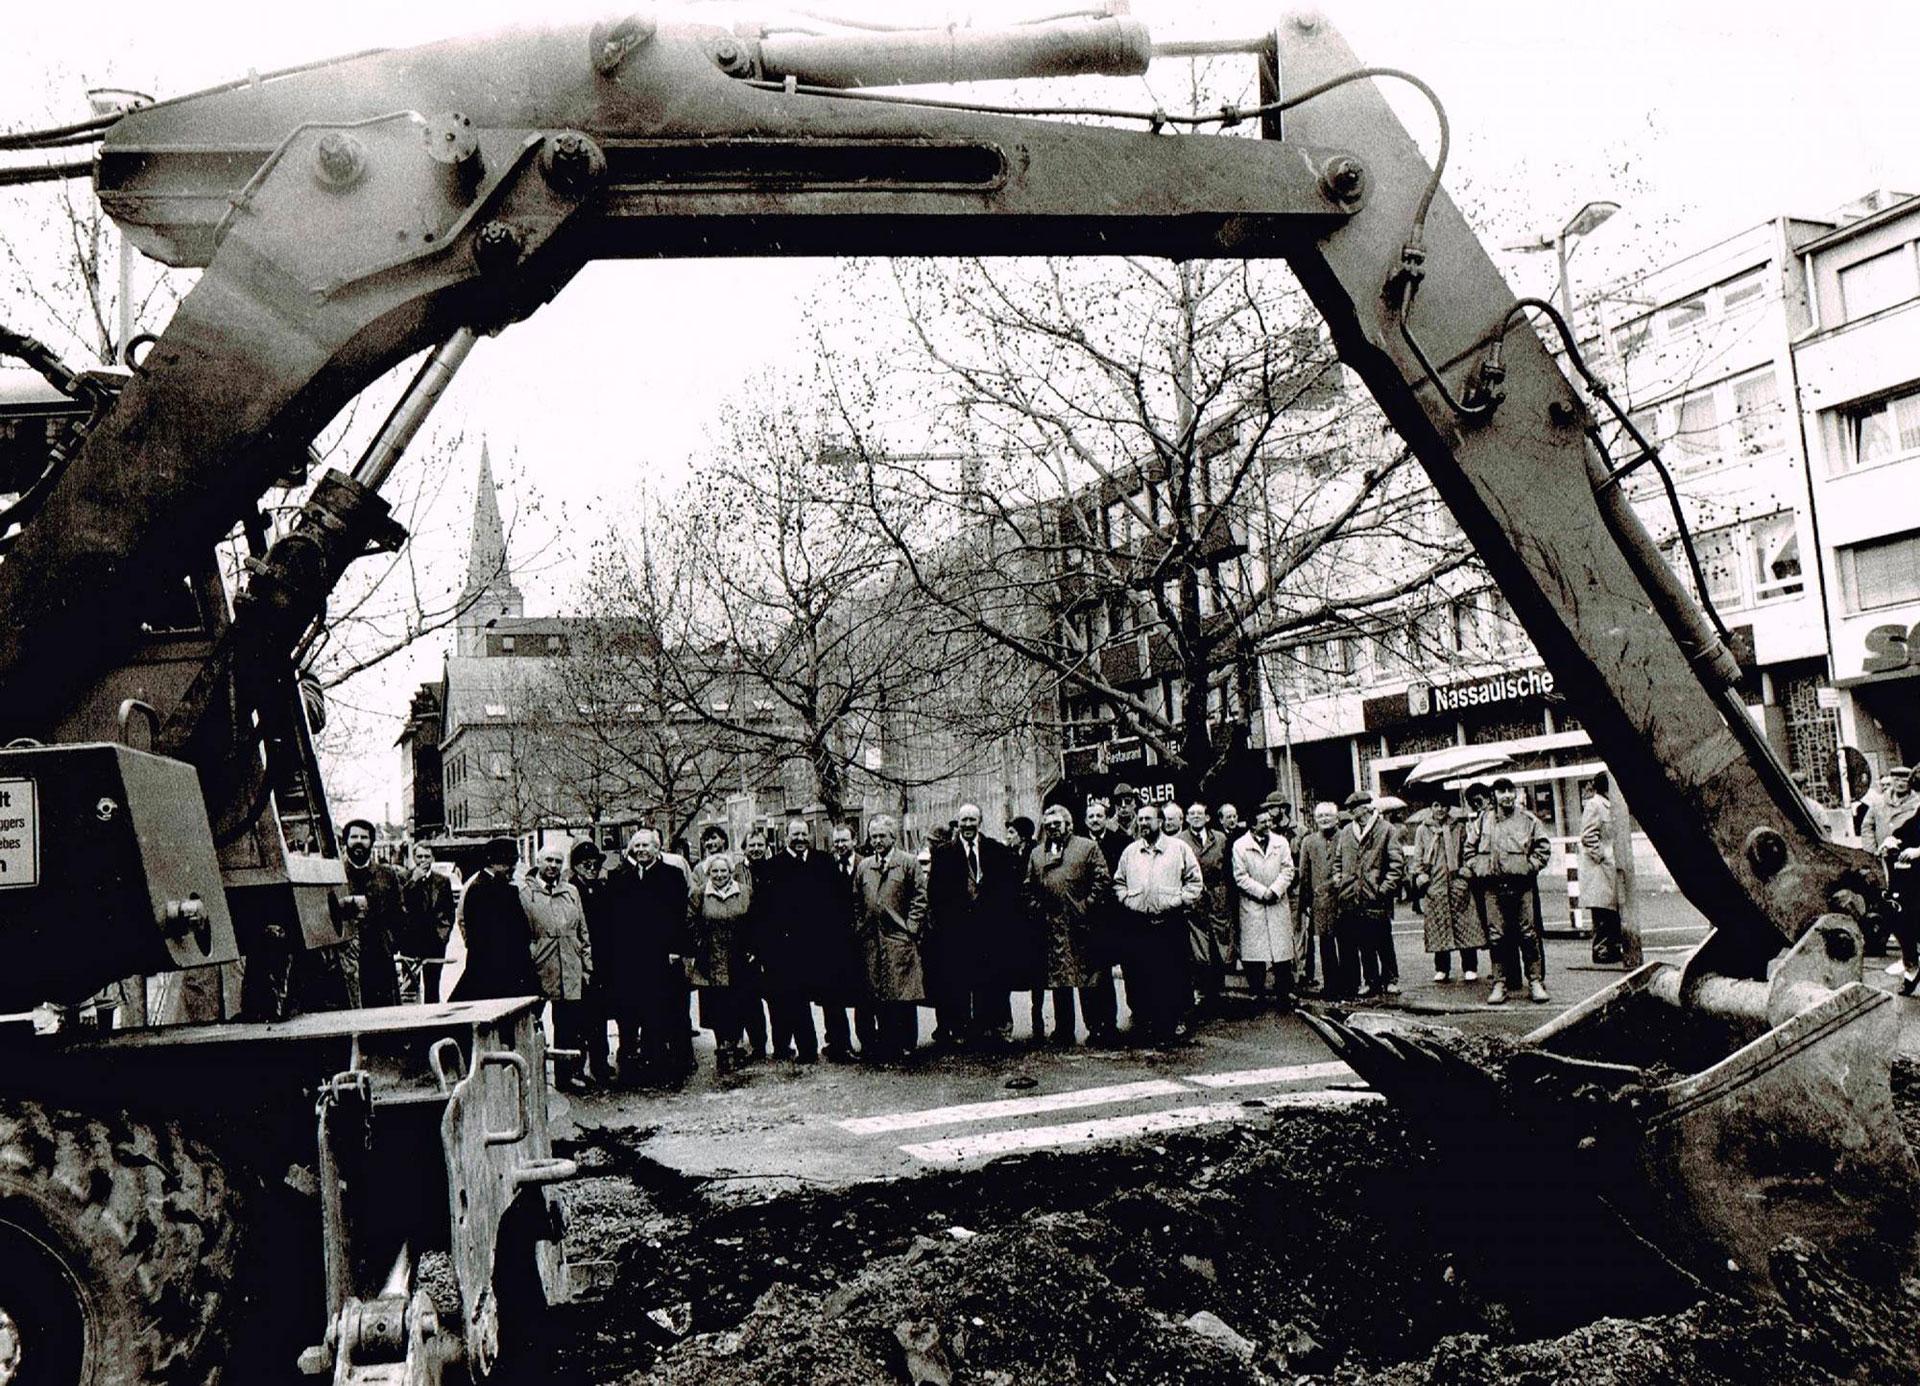 Vor 30 Jahren Spatenstich für die Neugestaltung des Neumarkts. 1987 dachte keiner der Stadtpolitiker, dass sich das Ereignis so schnell wiederholen würde. © Dieter Fluck